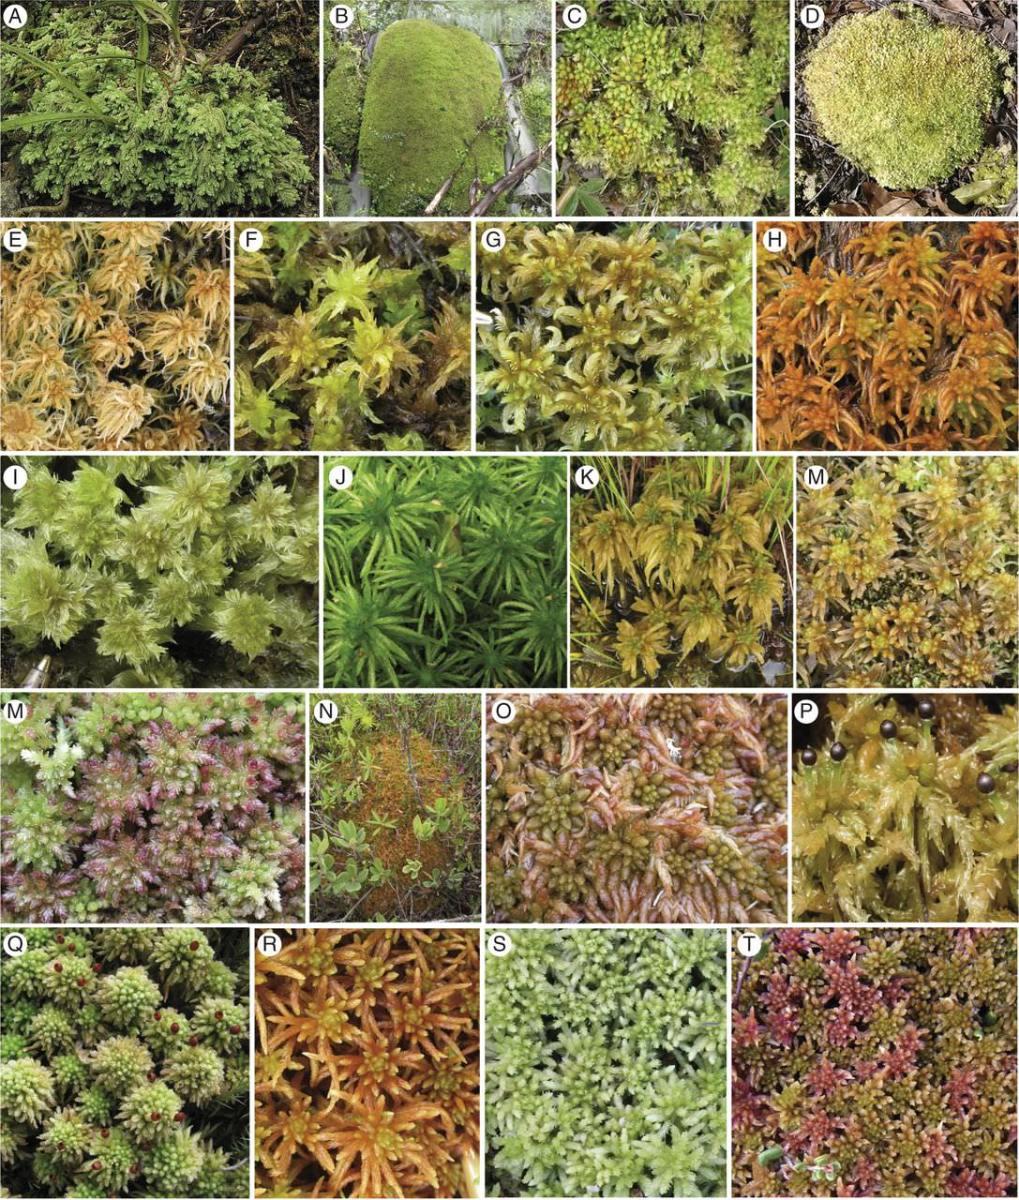 Organellar phylogenomics of Sphagnum